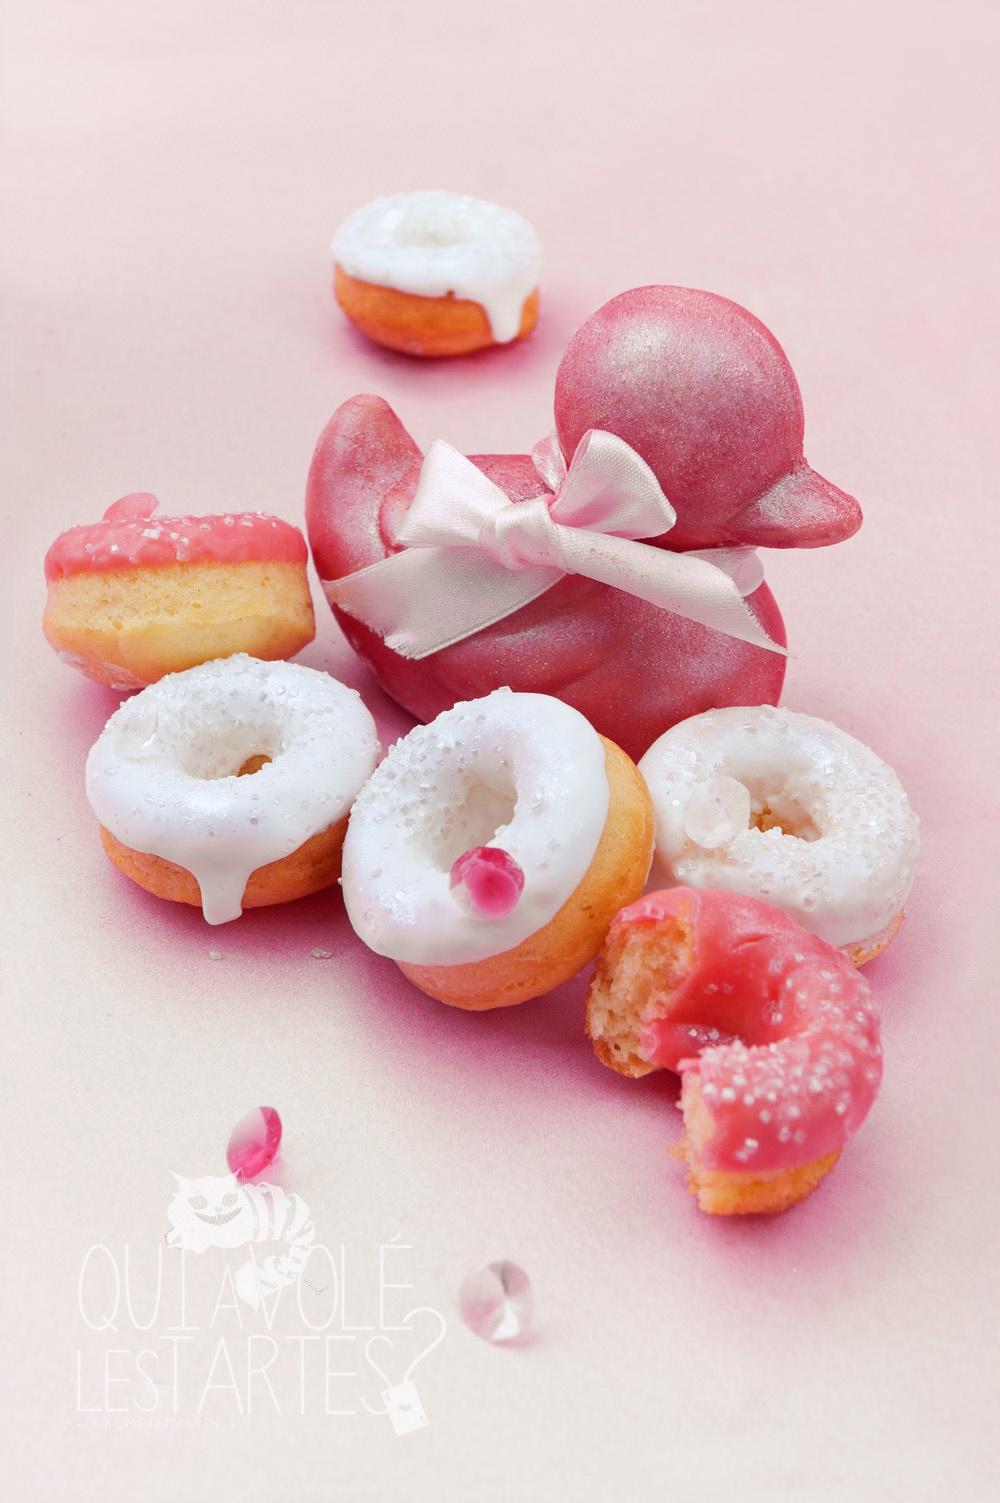 Donuts sans gluten St Valentin 2 - Studio de création - Qui a volé les tartes